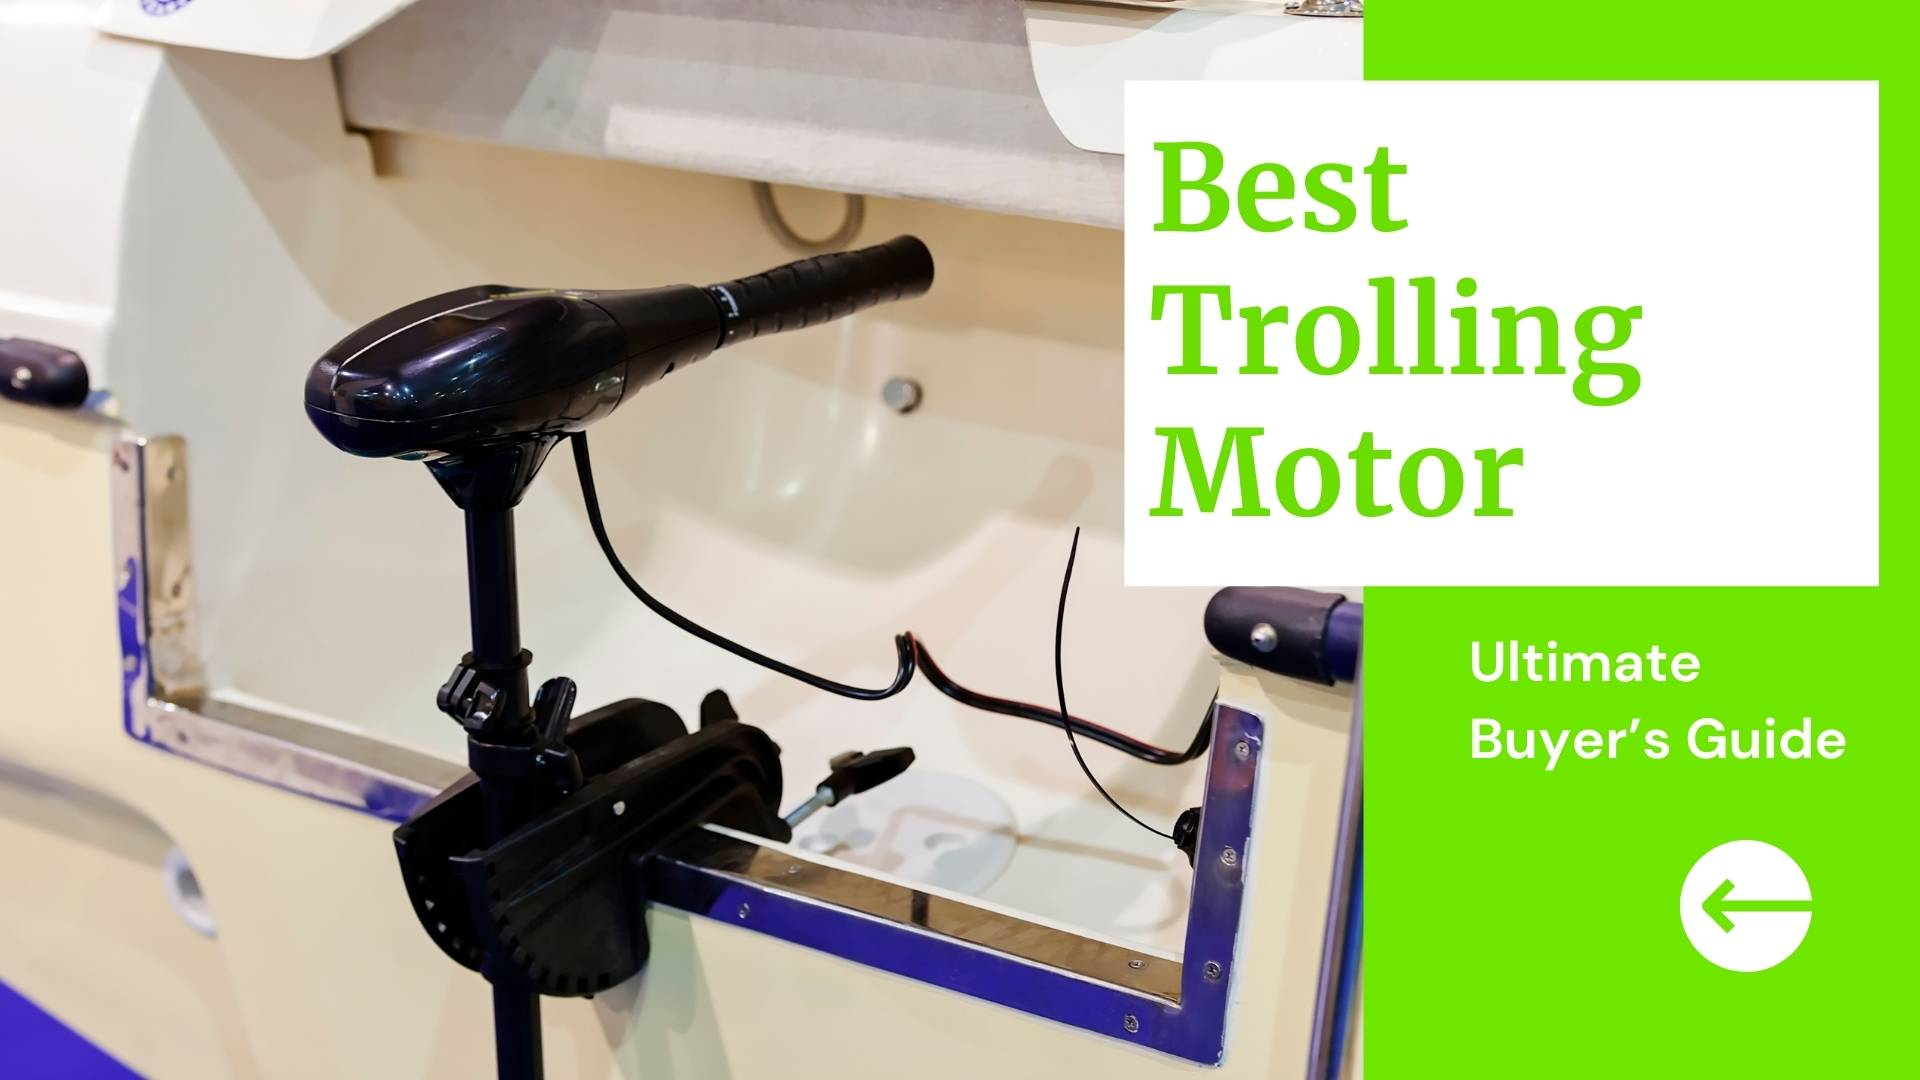 10 Best Trolling Motor 2021 (Ultimate Buyer's Guide) - Besttrollingmotor